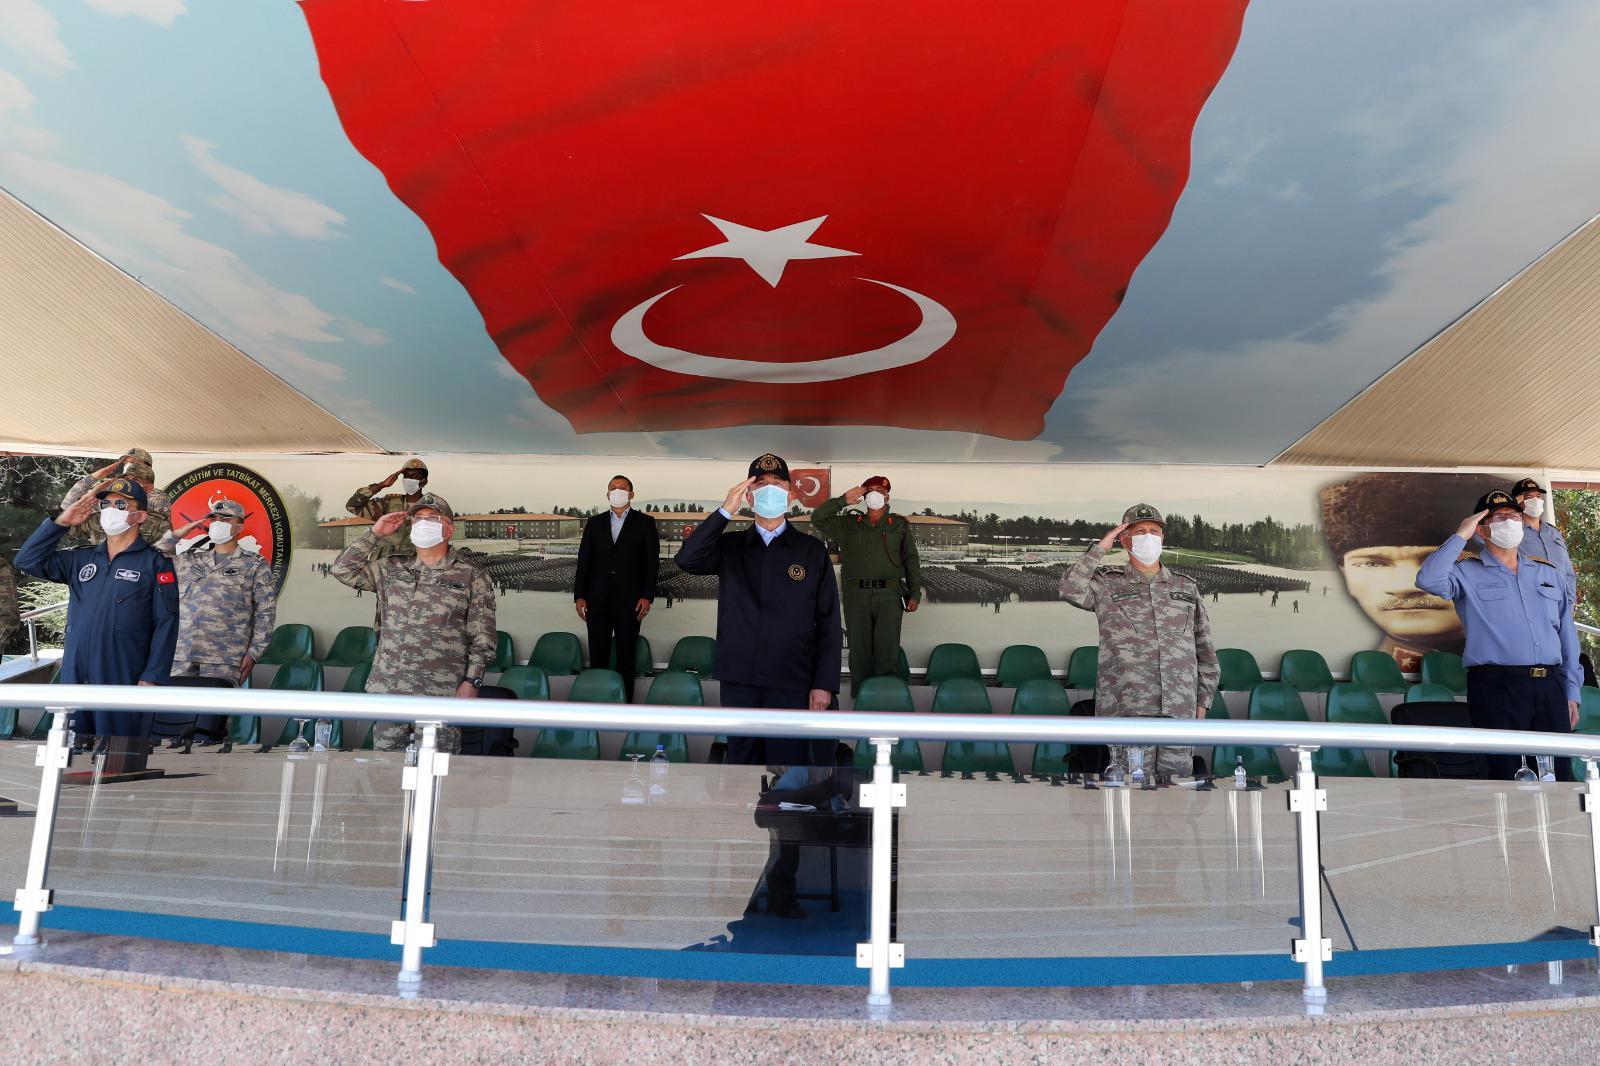 Milli Savunma Bakanı Akar: 'Hudutlarımızın, halkımızın güvenliğini sağlayacağız.'